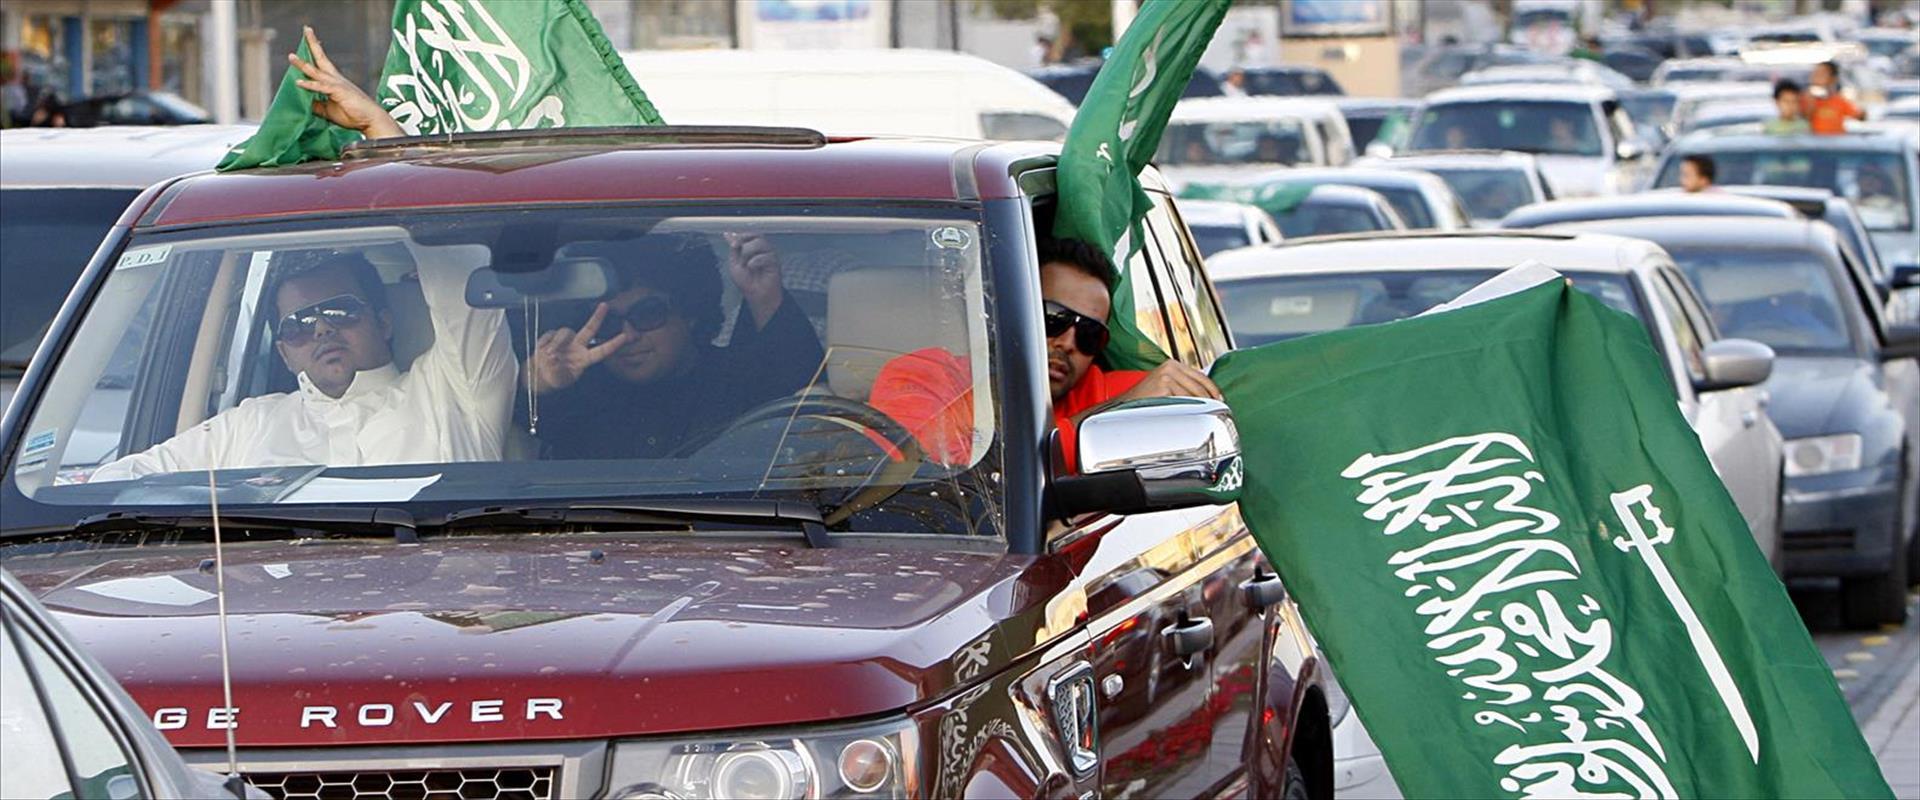 רחובות ריאד בערב הסעודית